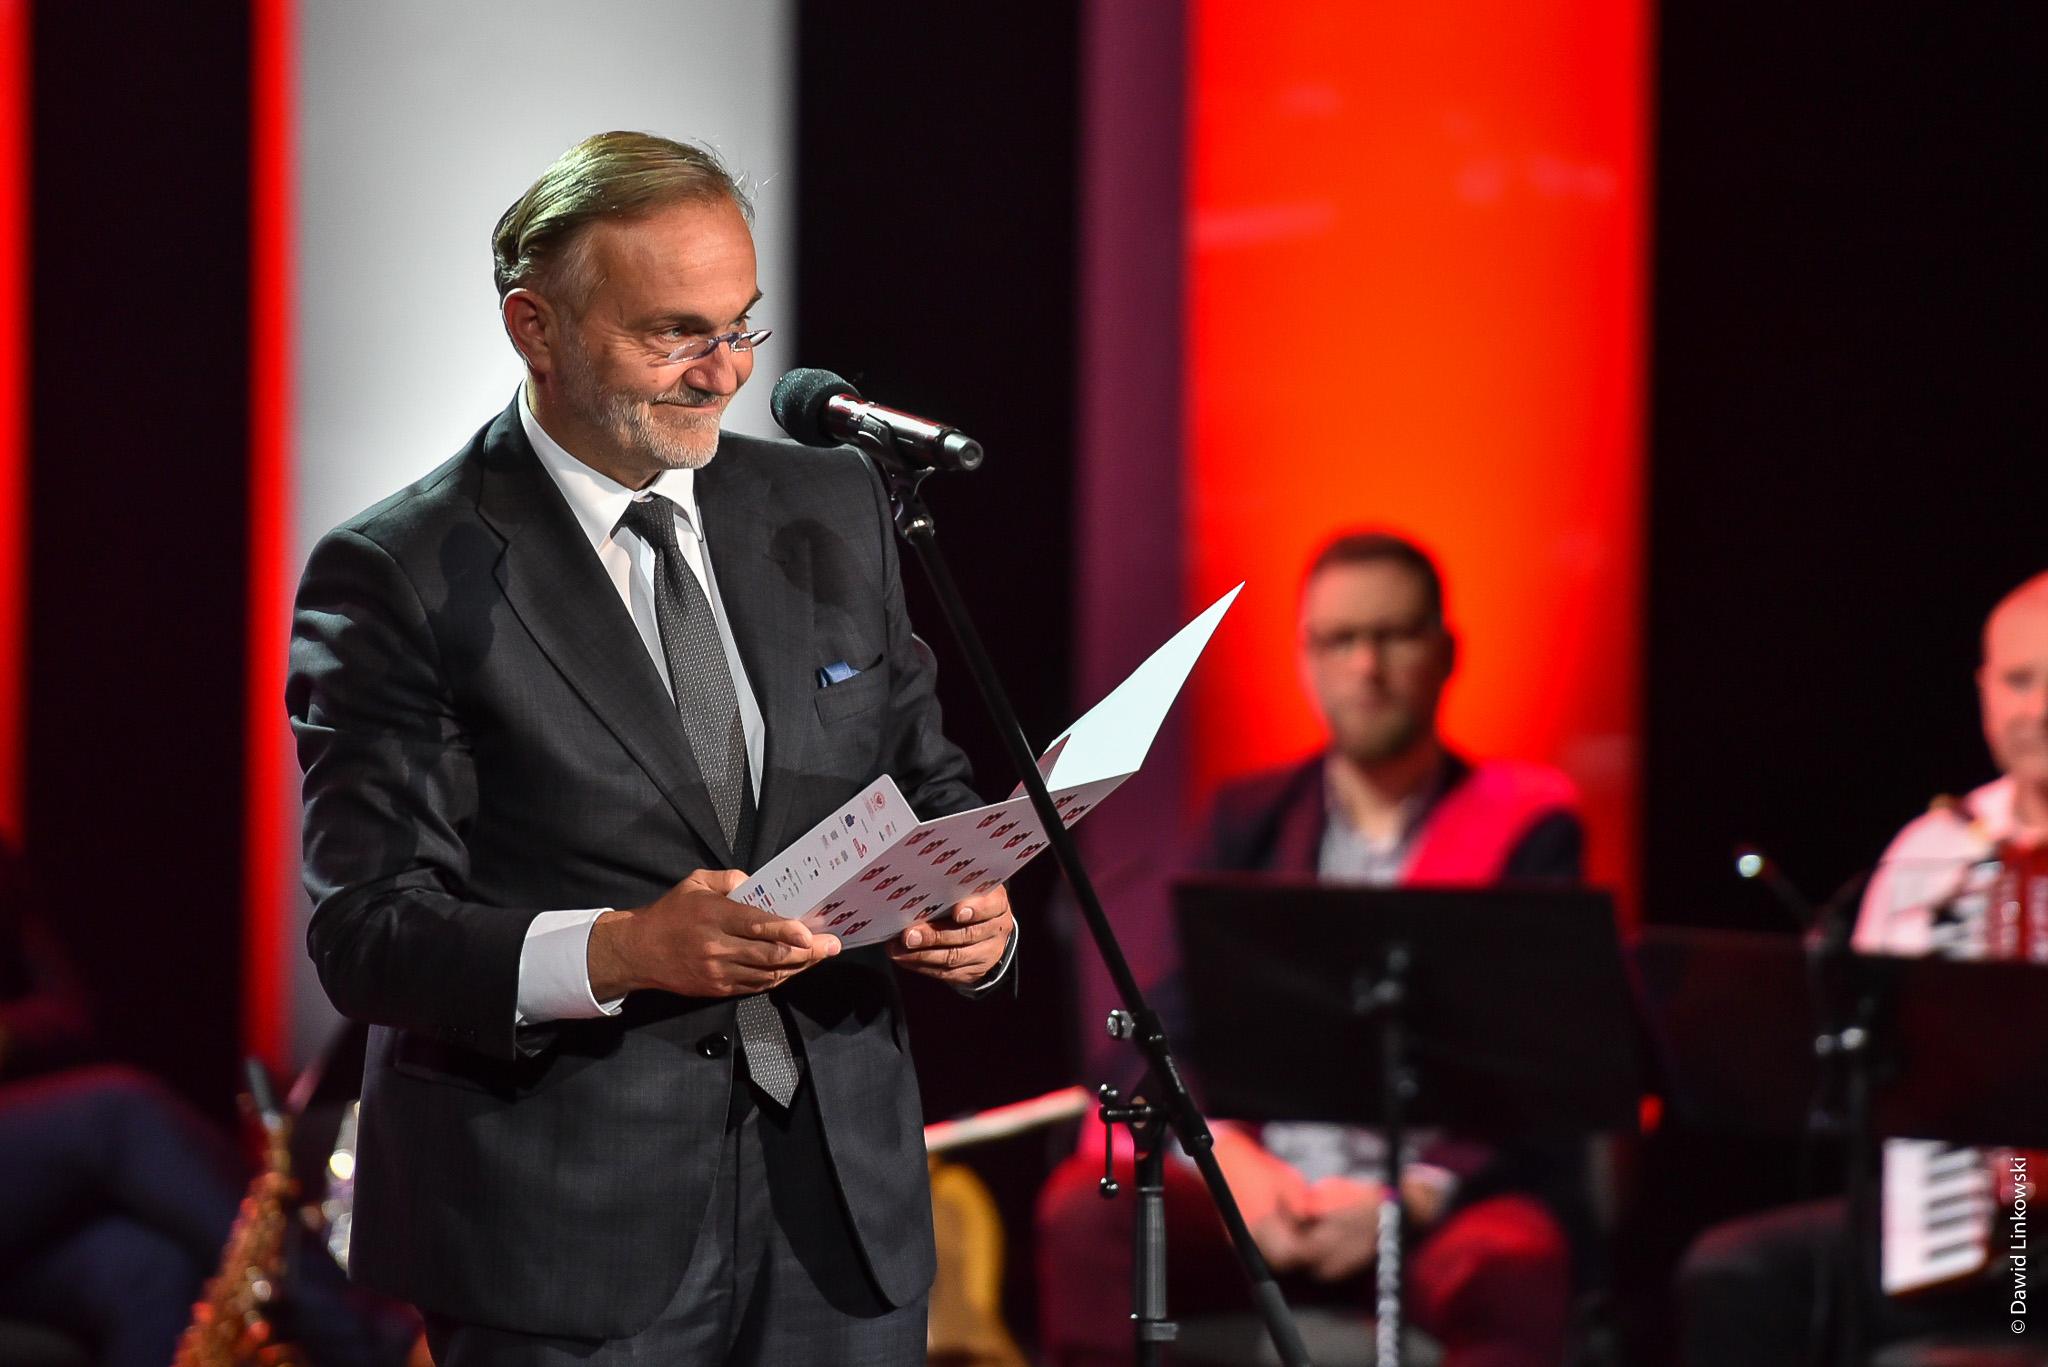 Prezydent Gdyni Wojciech Szczurek